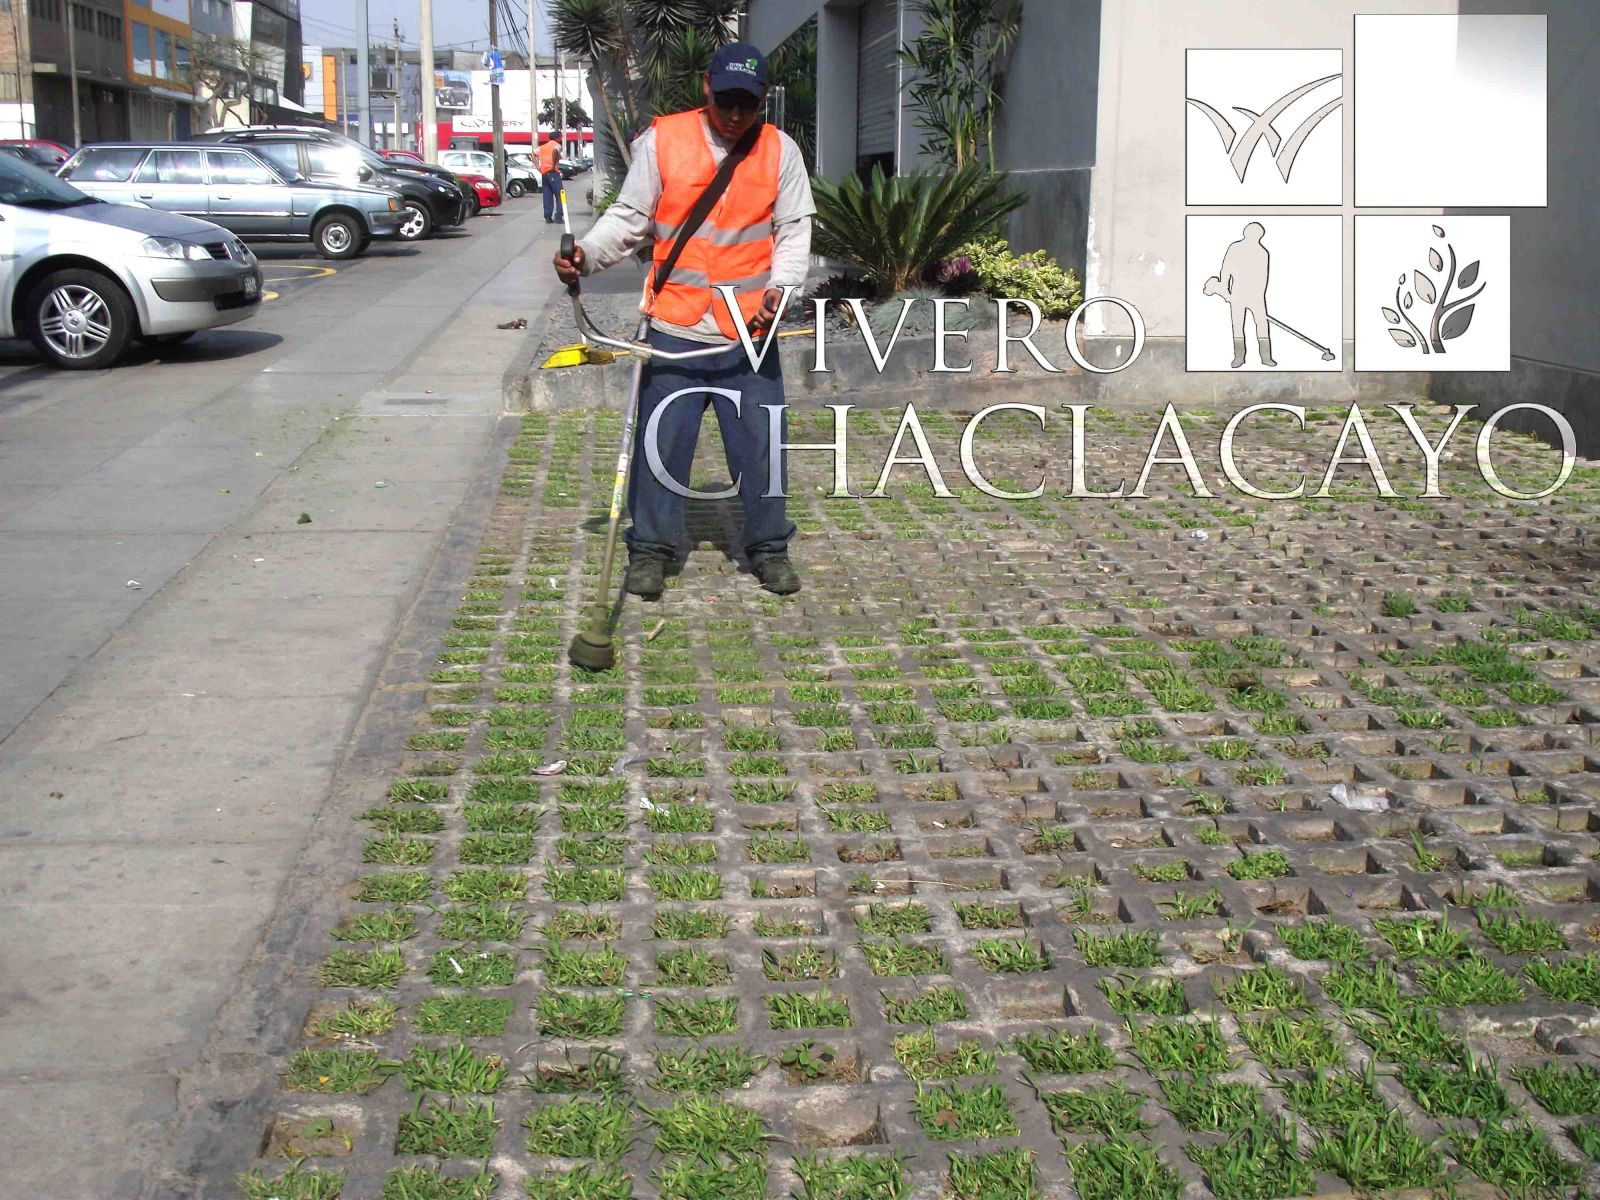 Mantenimiento de reas verde miraflores lima vivero for Viveros en lima